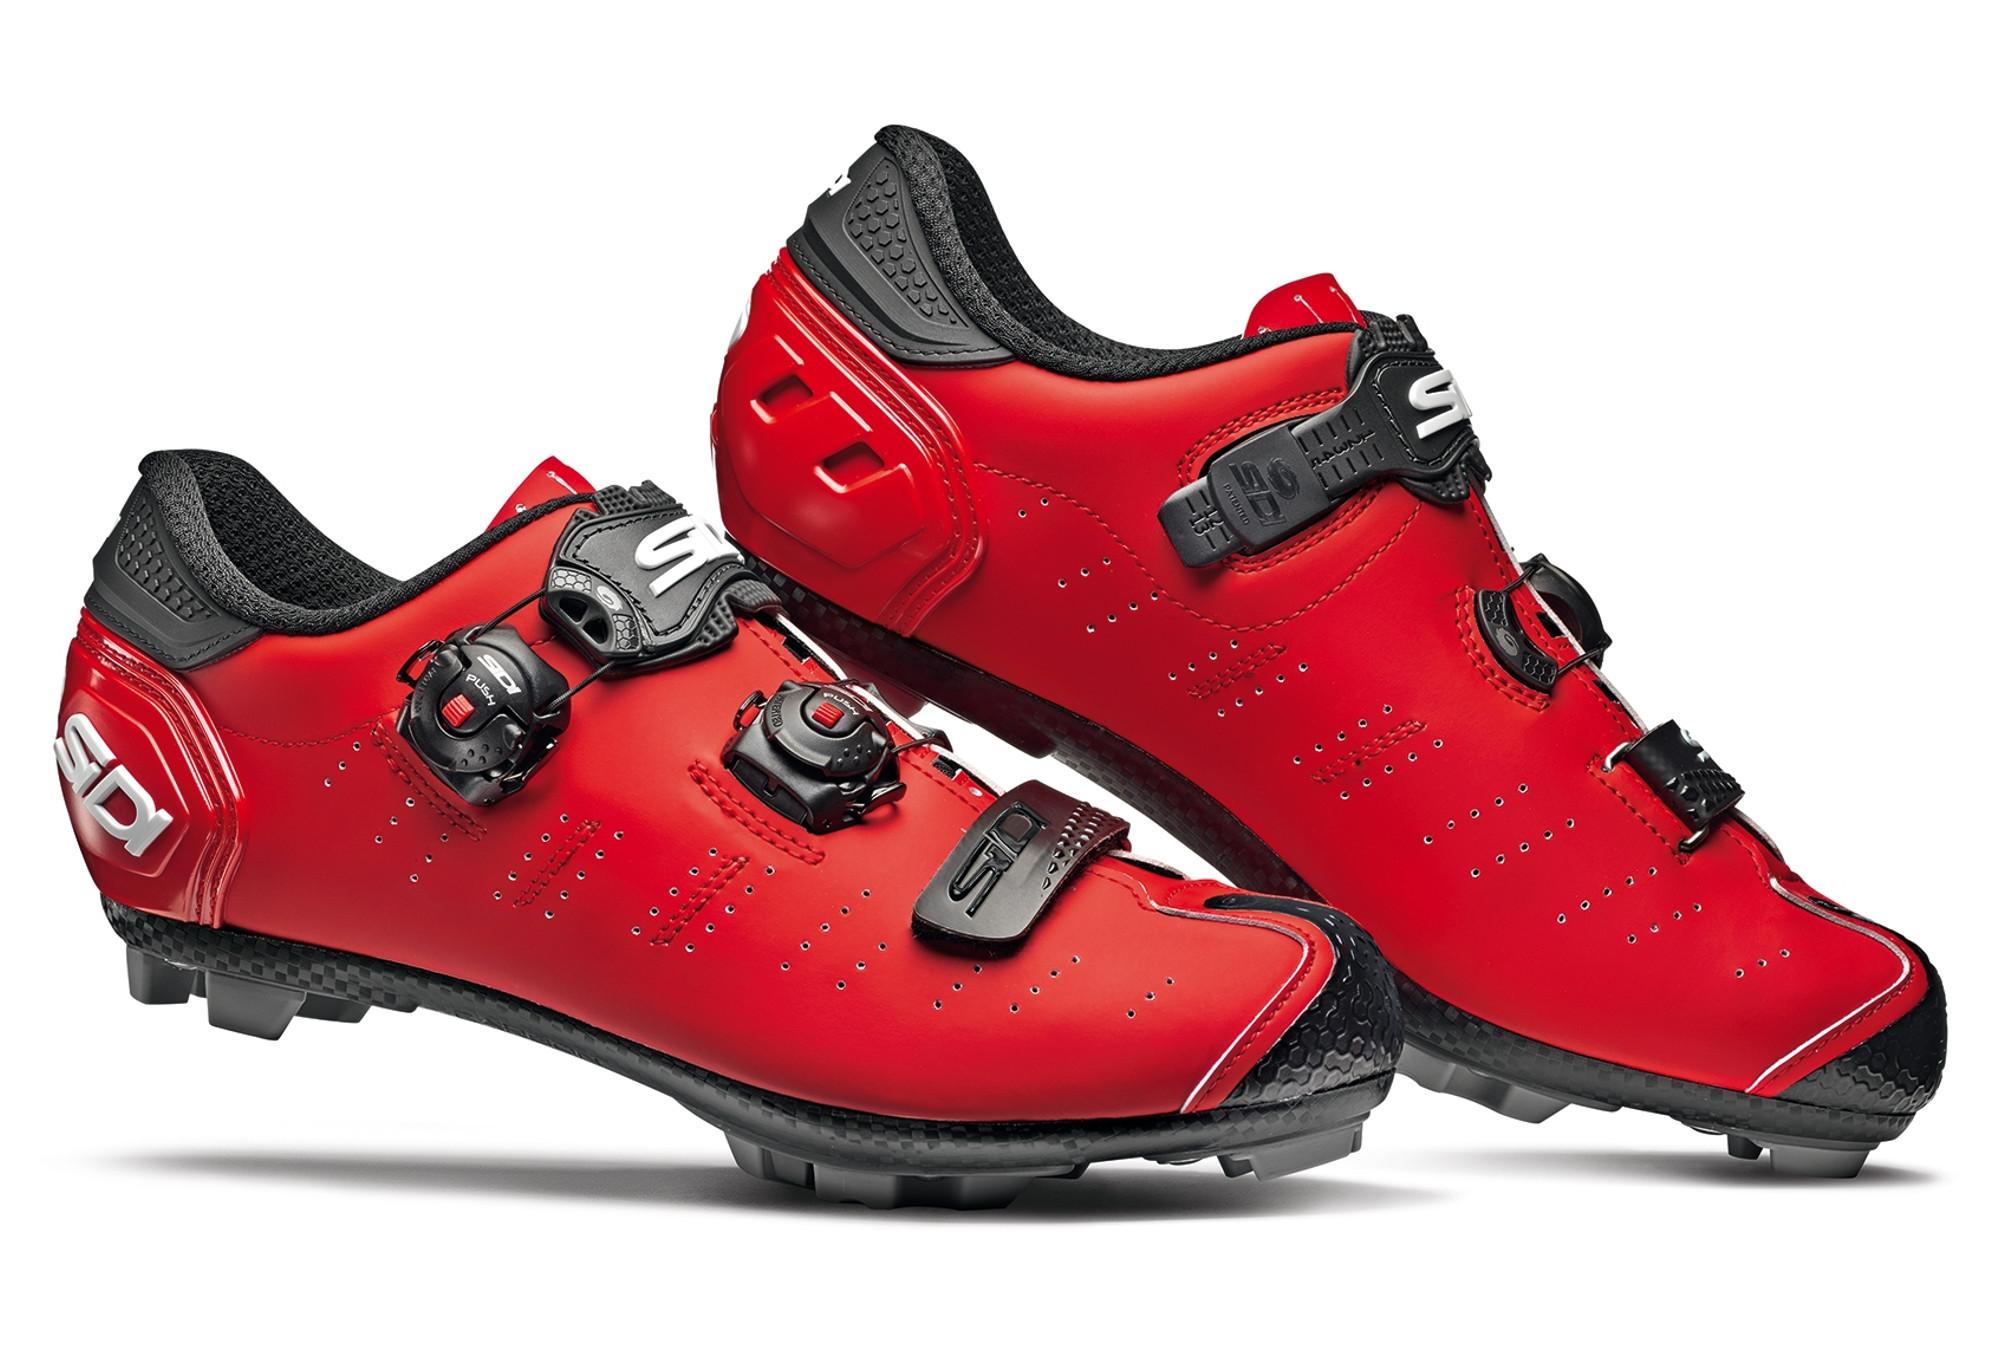 532ae6a0e2c Sidi Dragon 5 SRS MTB Shoes Matte Red   Black